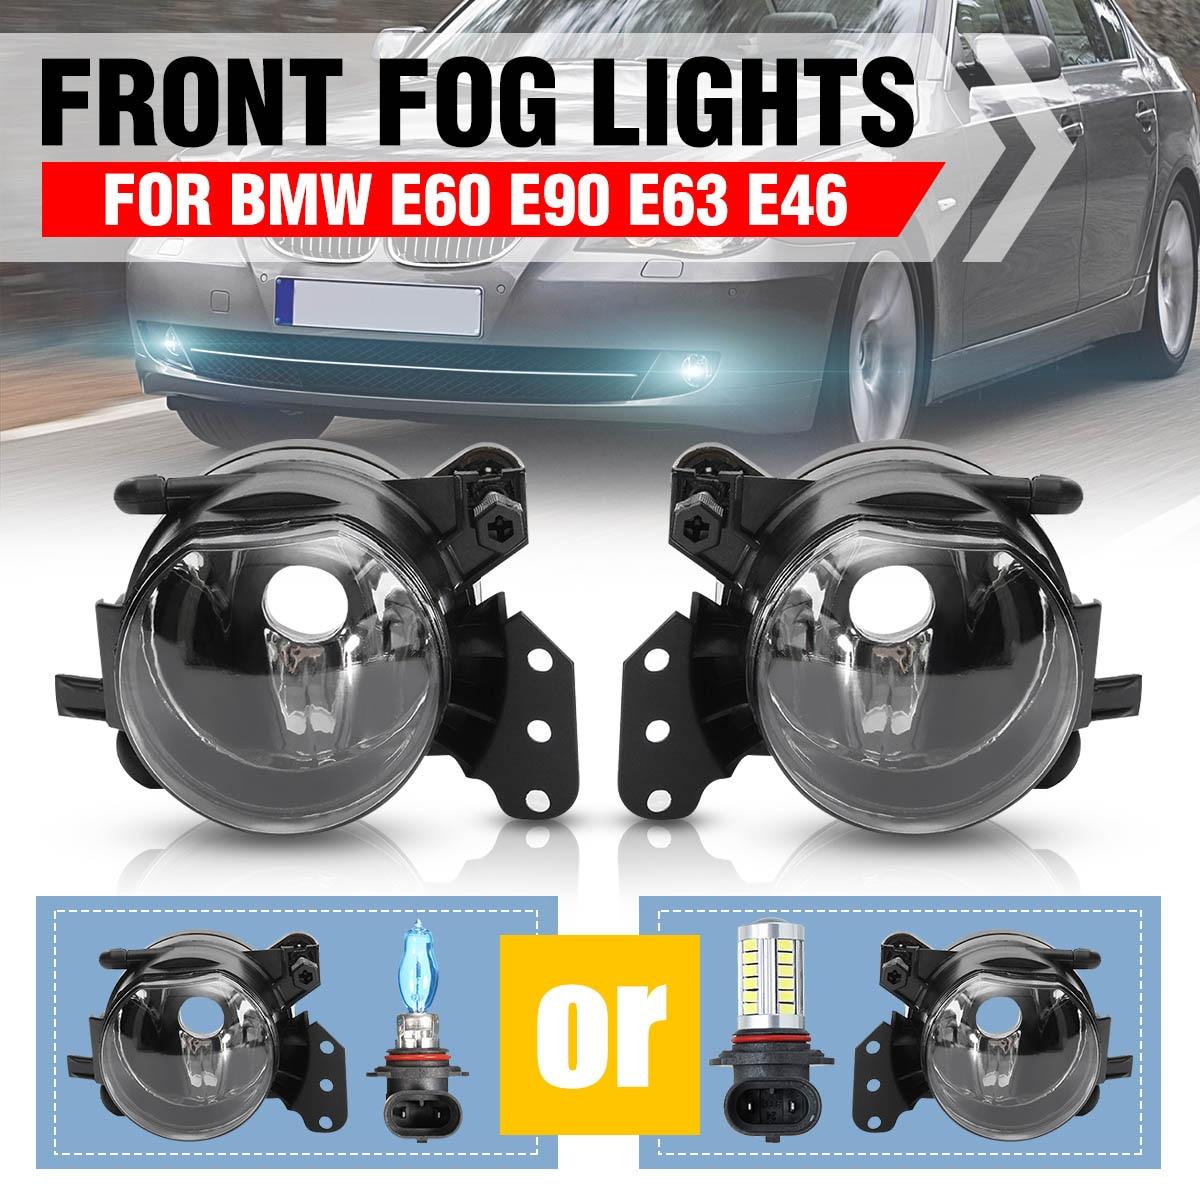 1 par de Montagem de Luz de Nevoeiro Luzes de Nevoeiro Da Frente Do Carro Lâmpadas Habitação Lente Clara Não Lâmpadas Para BMW E60 E90 E63 e46 323i 325i 525i